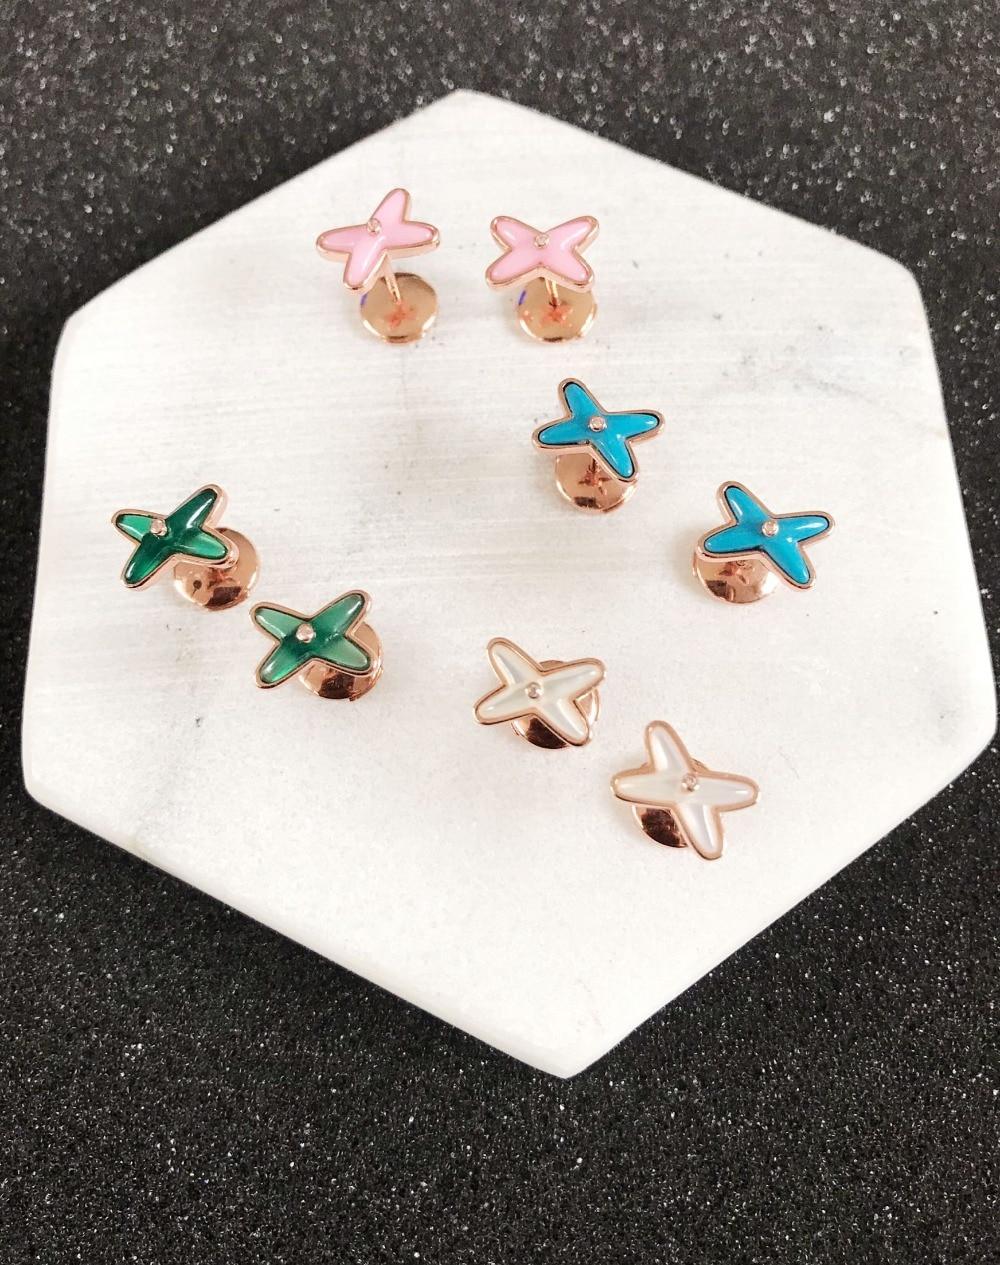 Hot brand designer 925 sterling silver X stud earrings for women party jewelry cross earrings blue green white blue stone earing